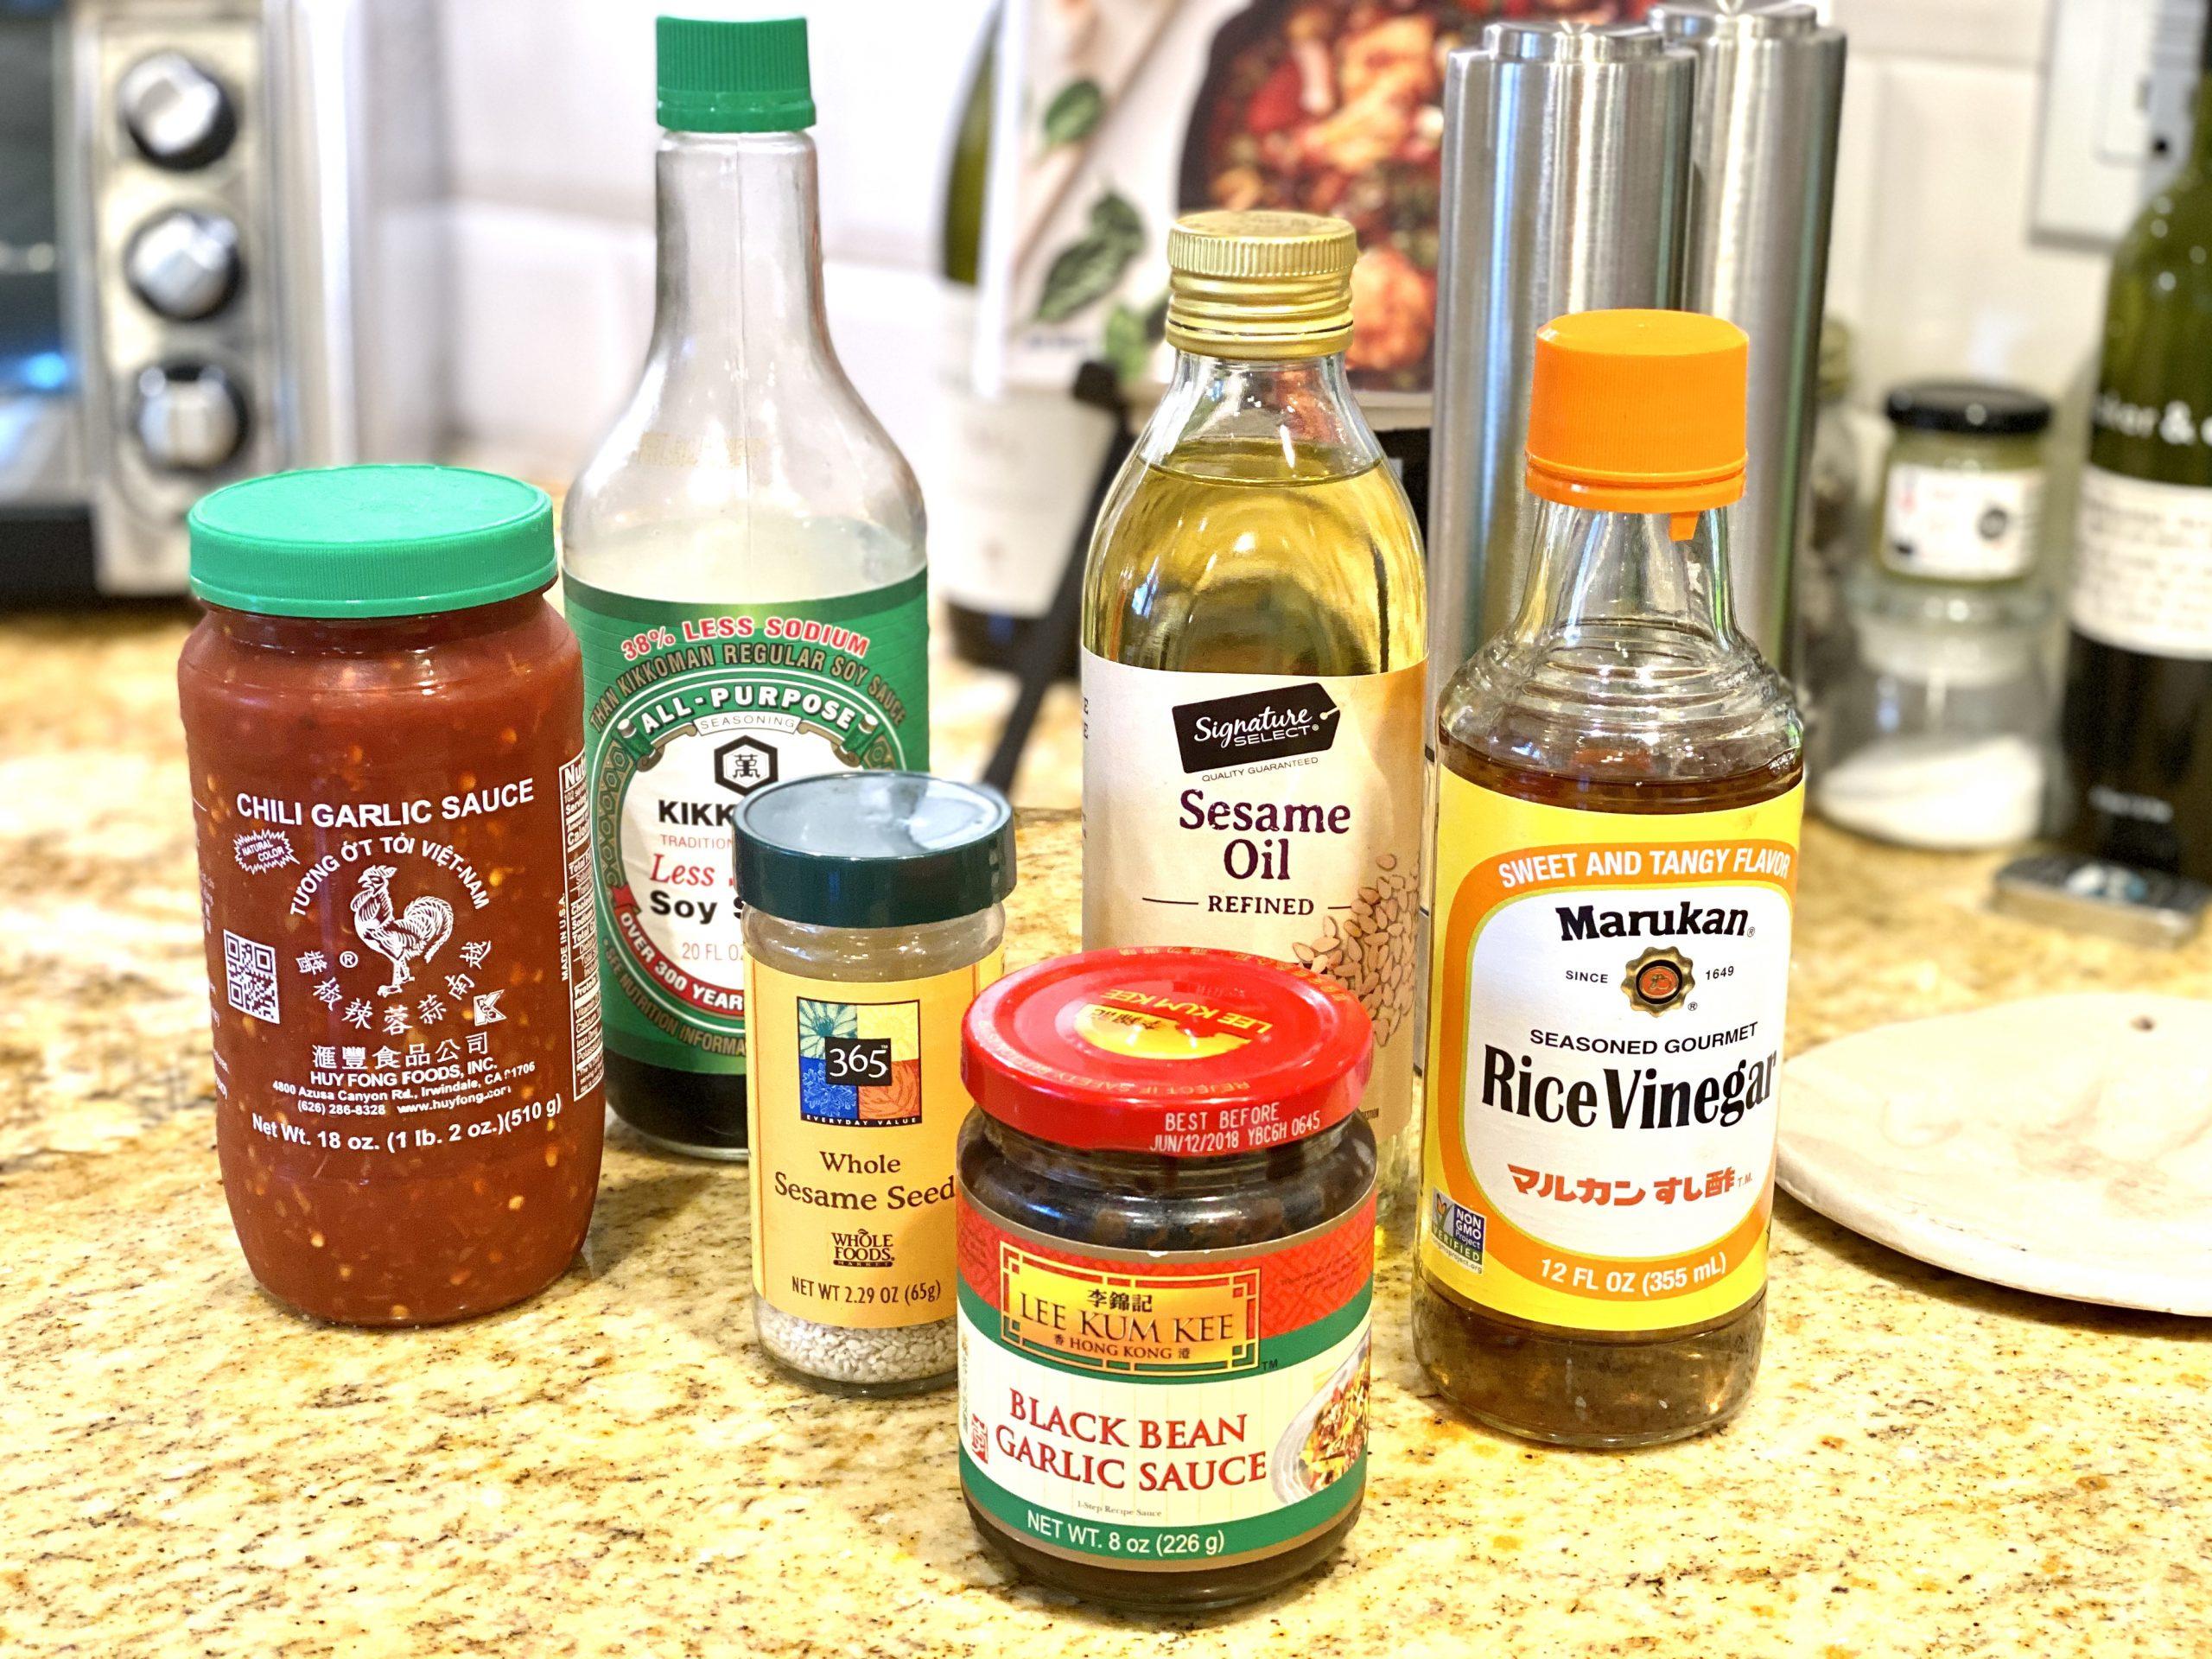 Ingredients to make Asian marinade